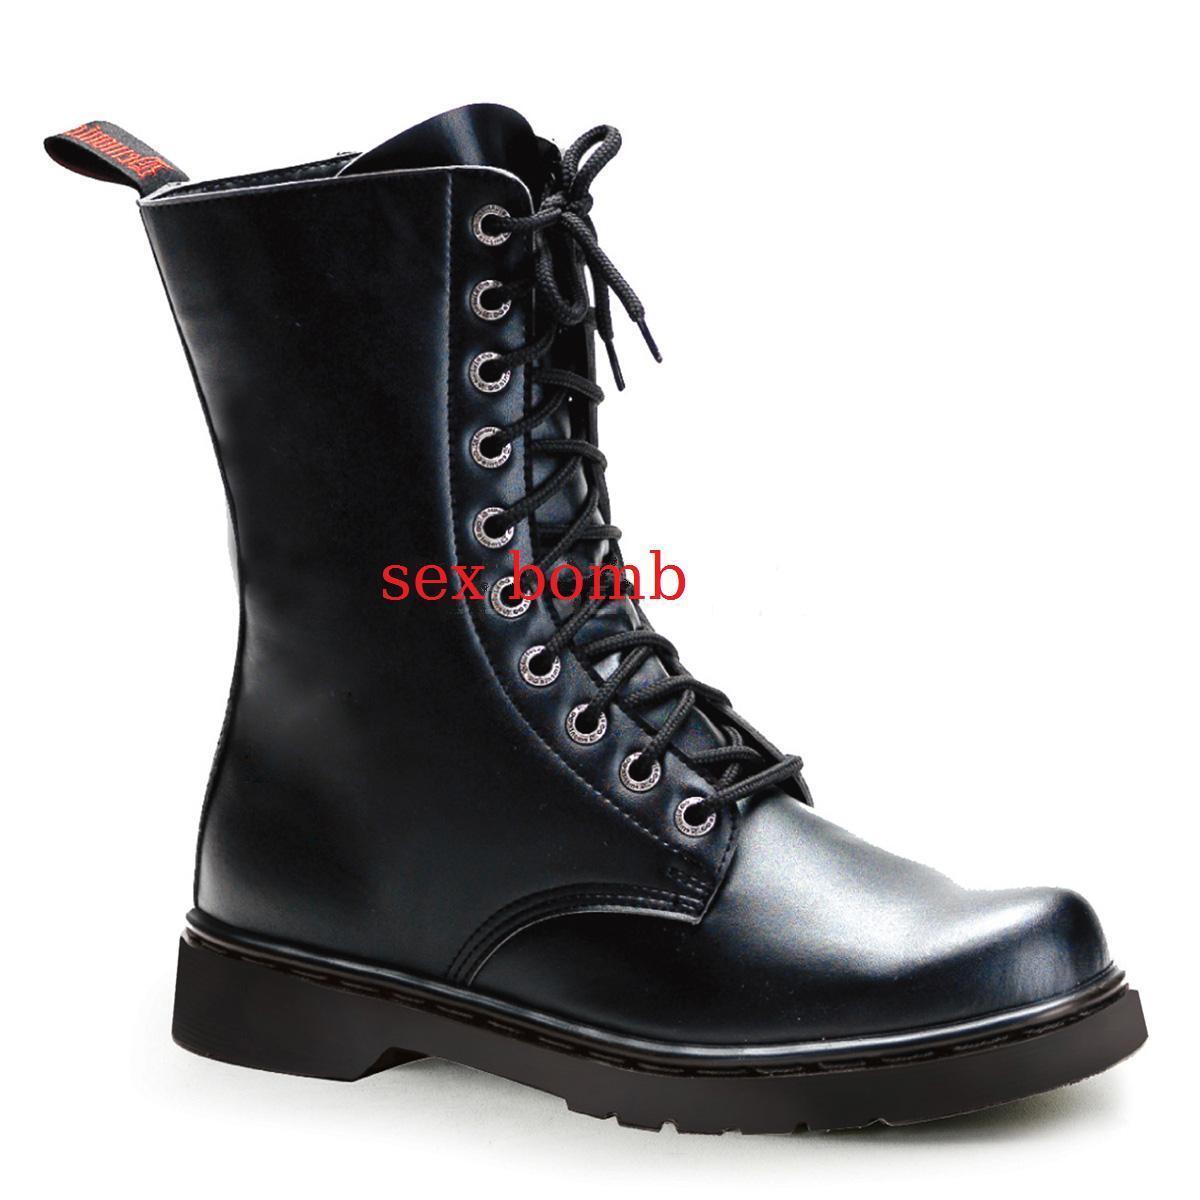 Stiefel HERREN absatz 2,5 cm SCHWARZ von 36 bis 46 SCHWARZ cm reißverschluss schnürsenkel 85dd7f